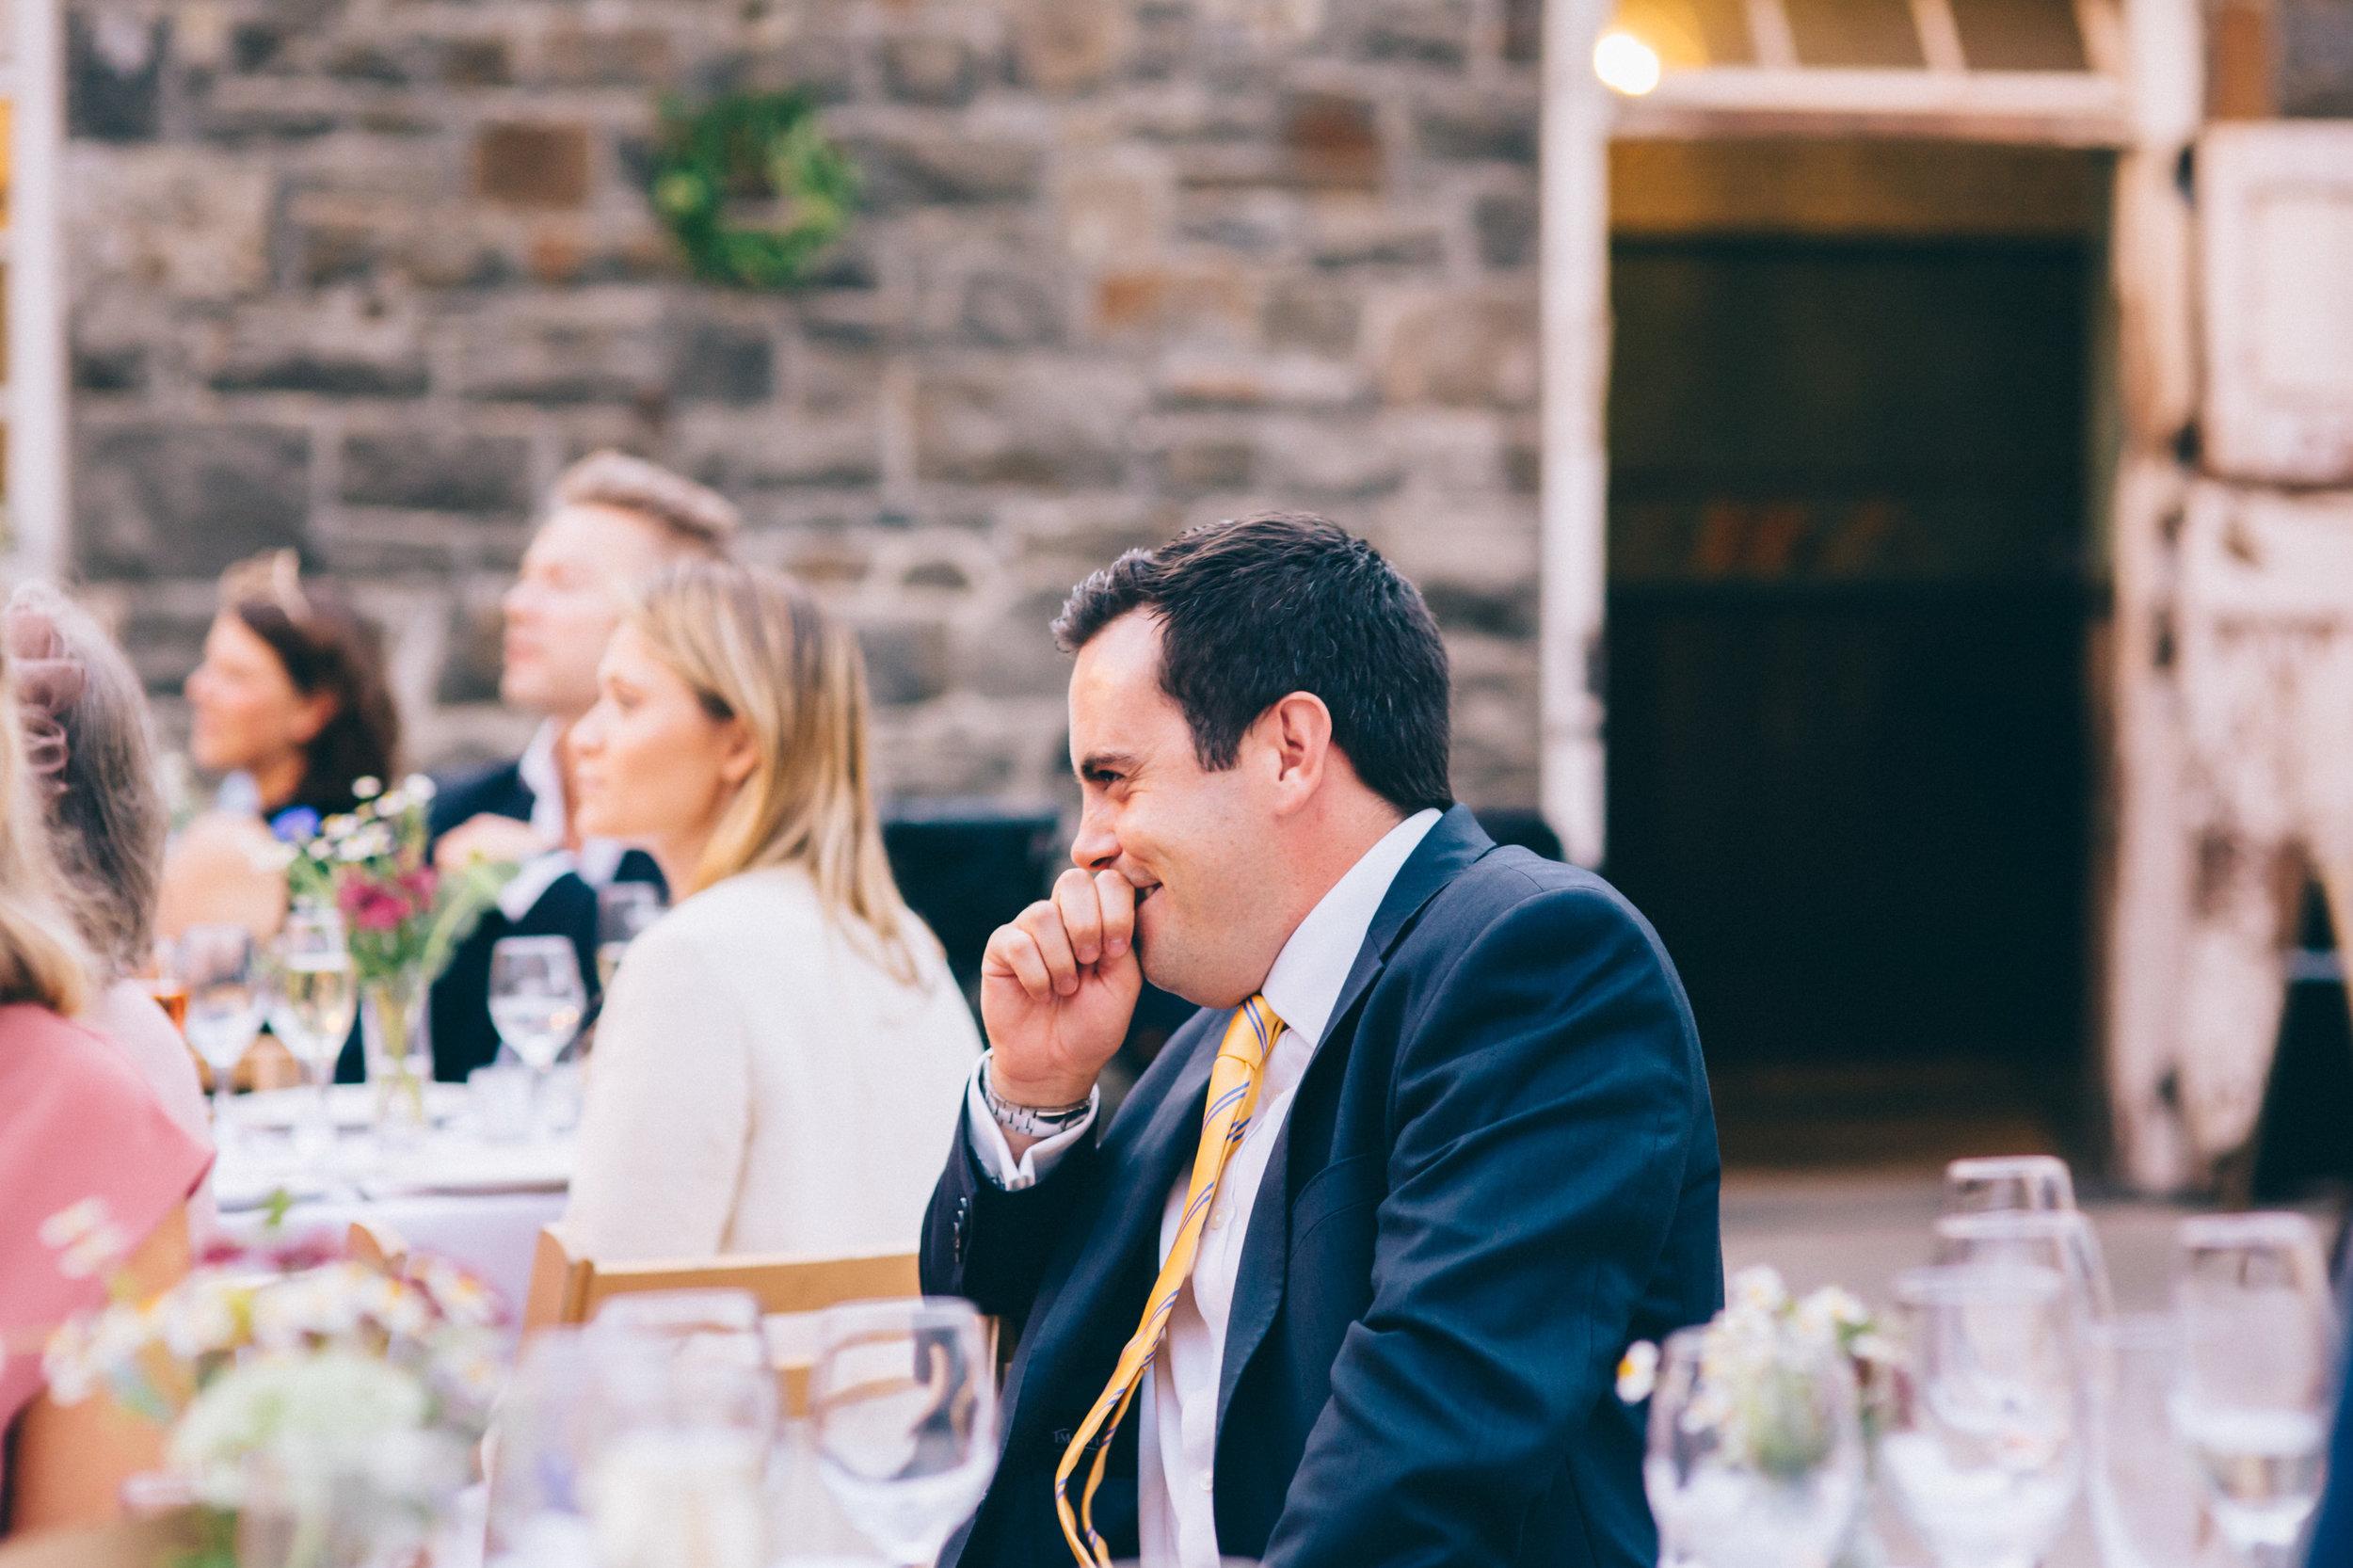 uk wedding photographer artistic wedding photography-122.jpg